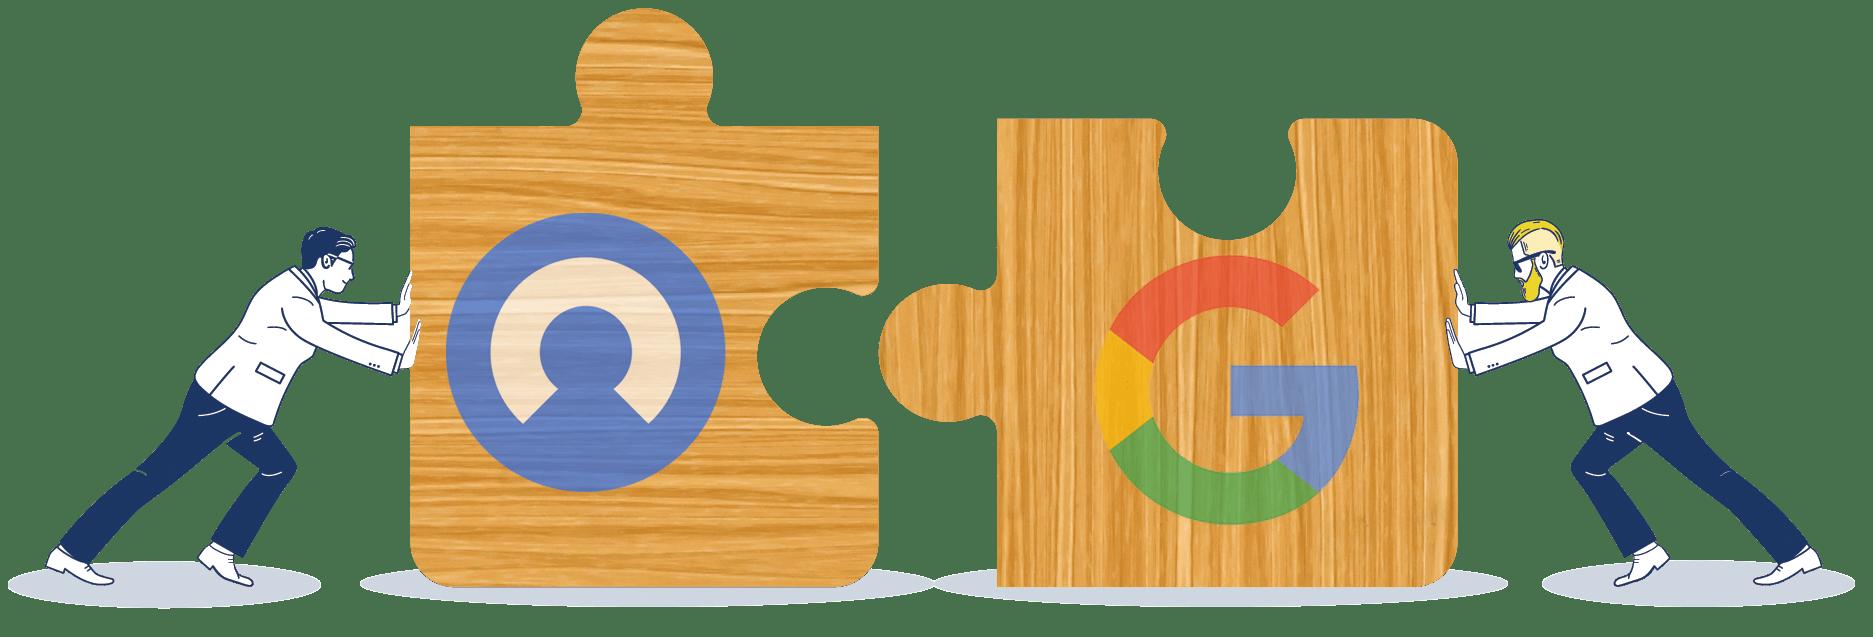 Google nummercheck + slimme telefonie